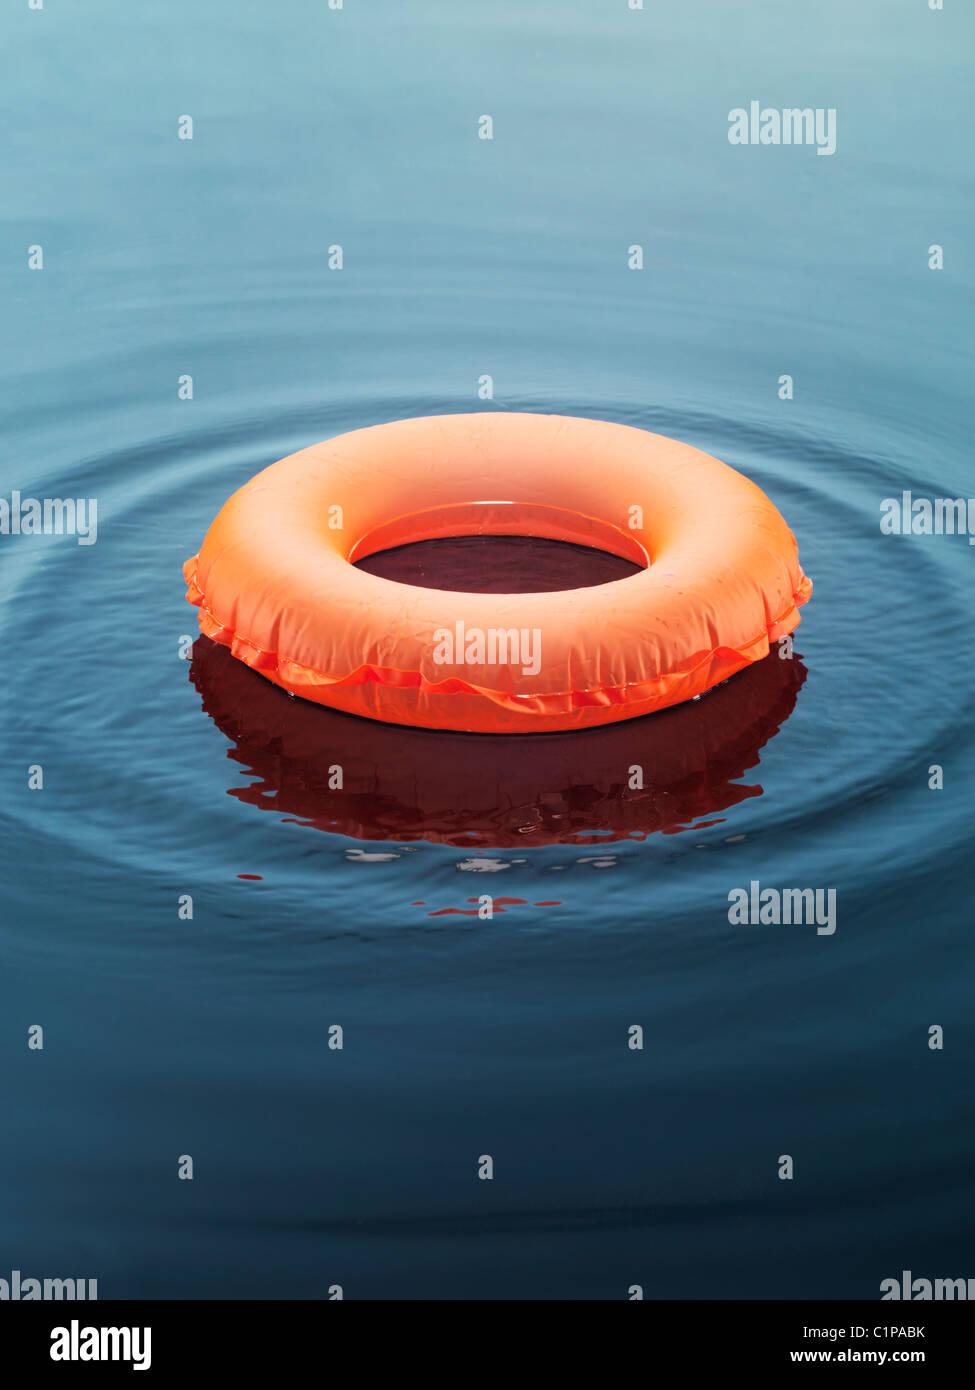 Anello gonfiabile galleggiante sull'acqua Immagini Stock